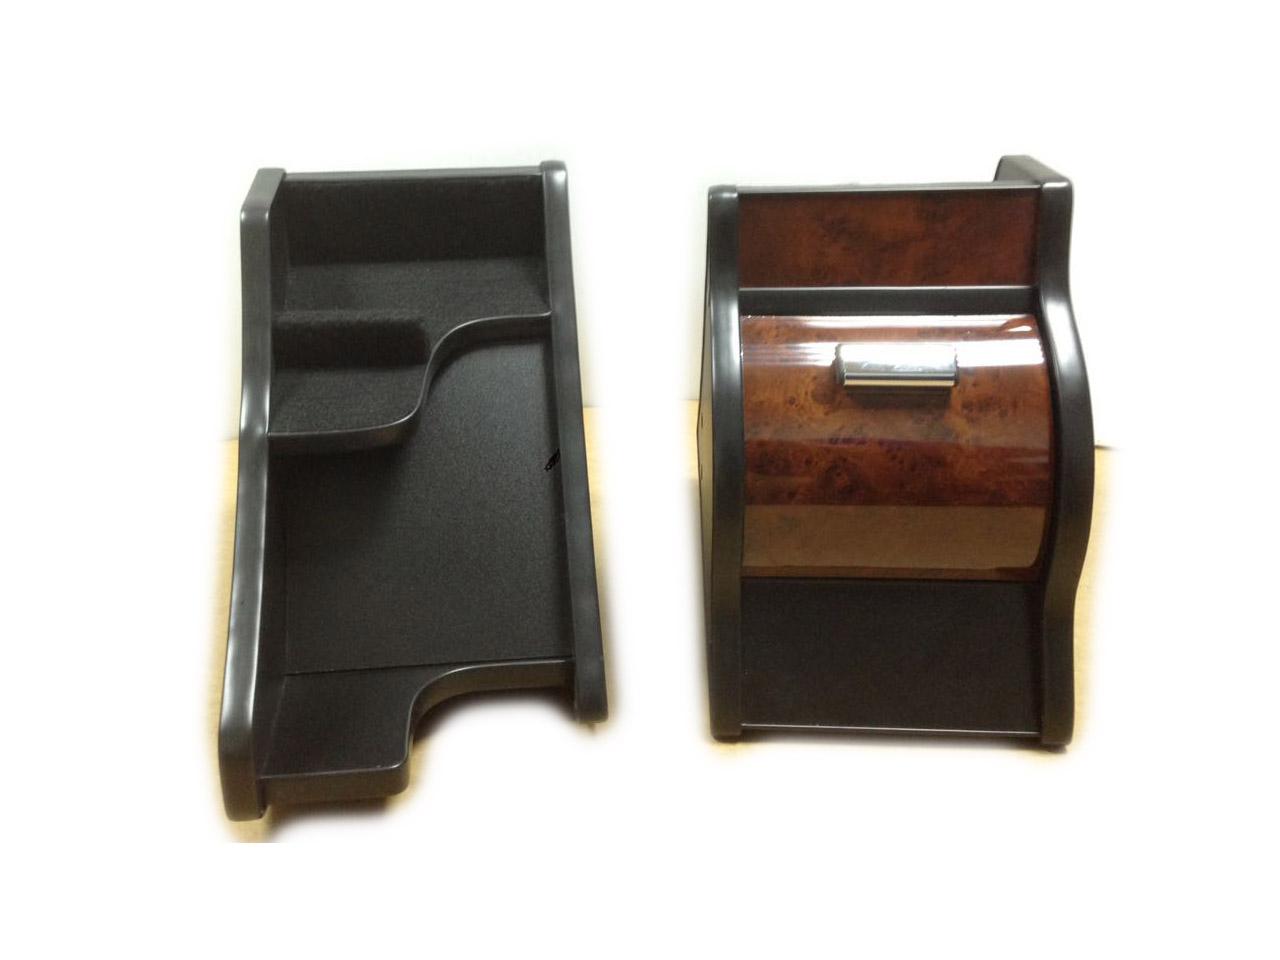 Консоль ЭЛЕГАНТ на Газель Некст с ручкой кпп на панели (темно коричневый декор)